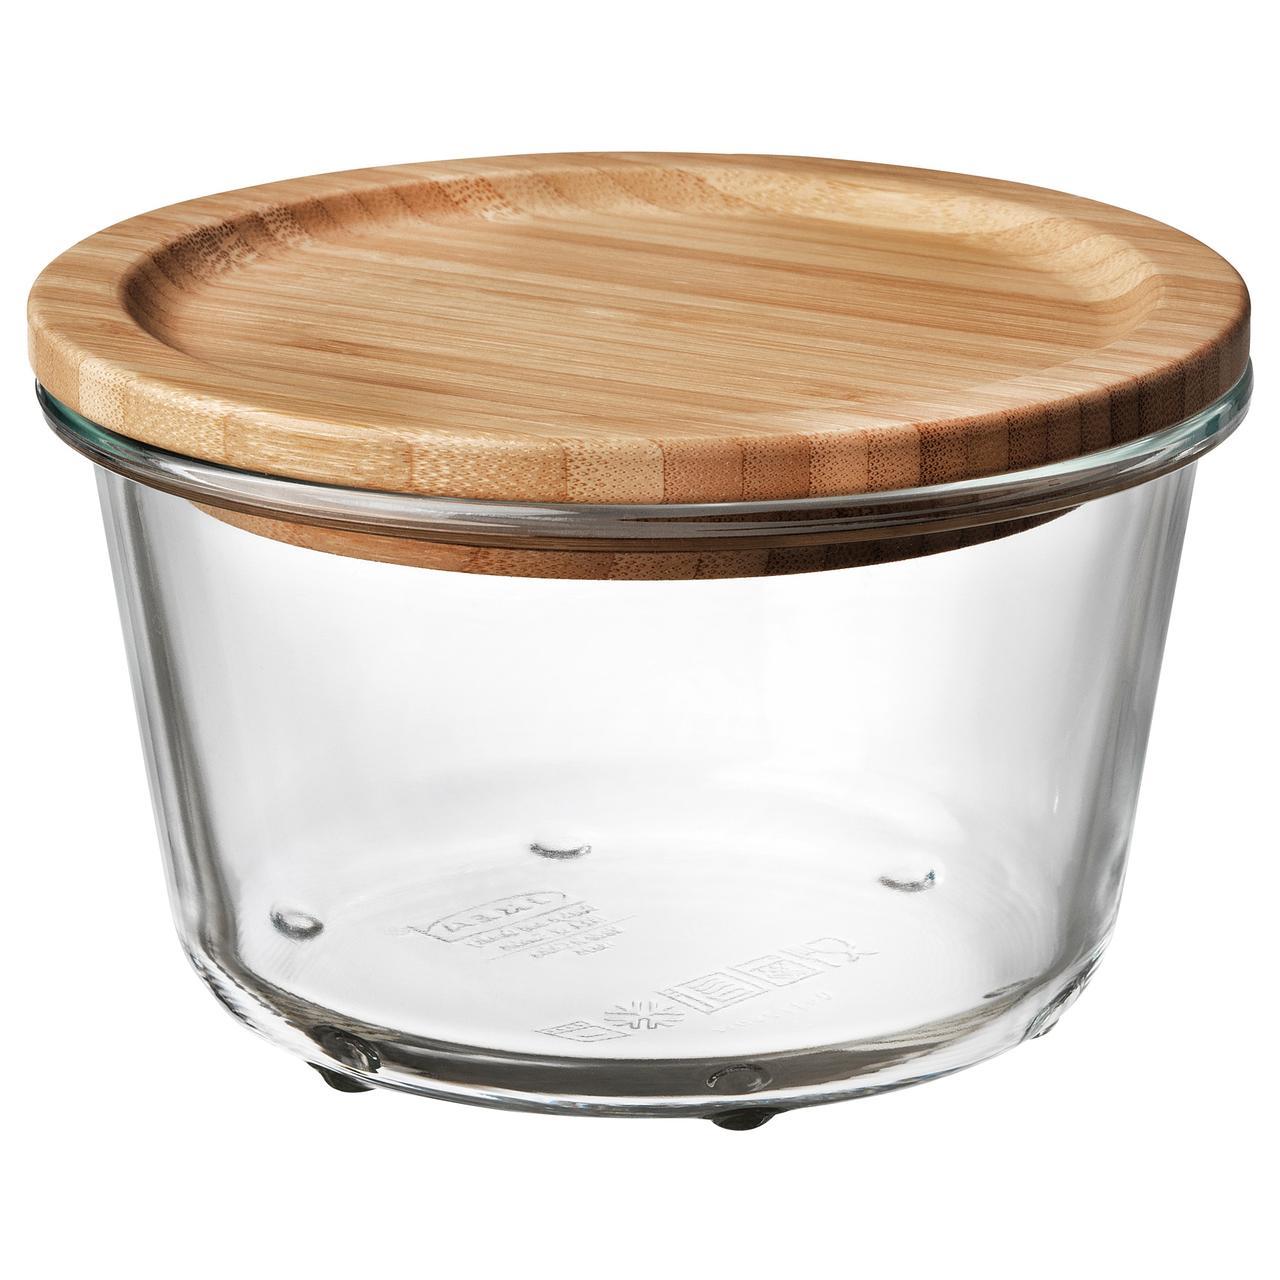 ИКЕА/365+ Контейнер для продуктов с крышкой, круглой формы стекло, стекло бамбук